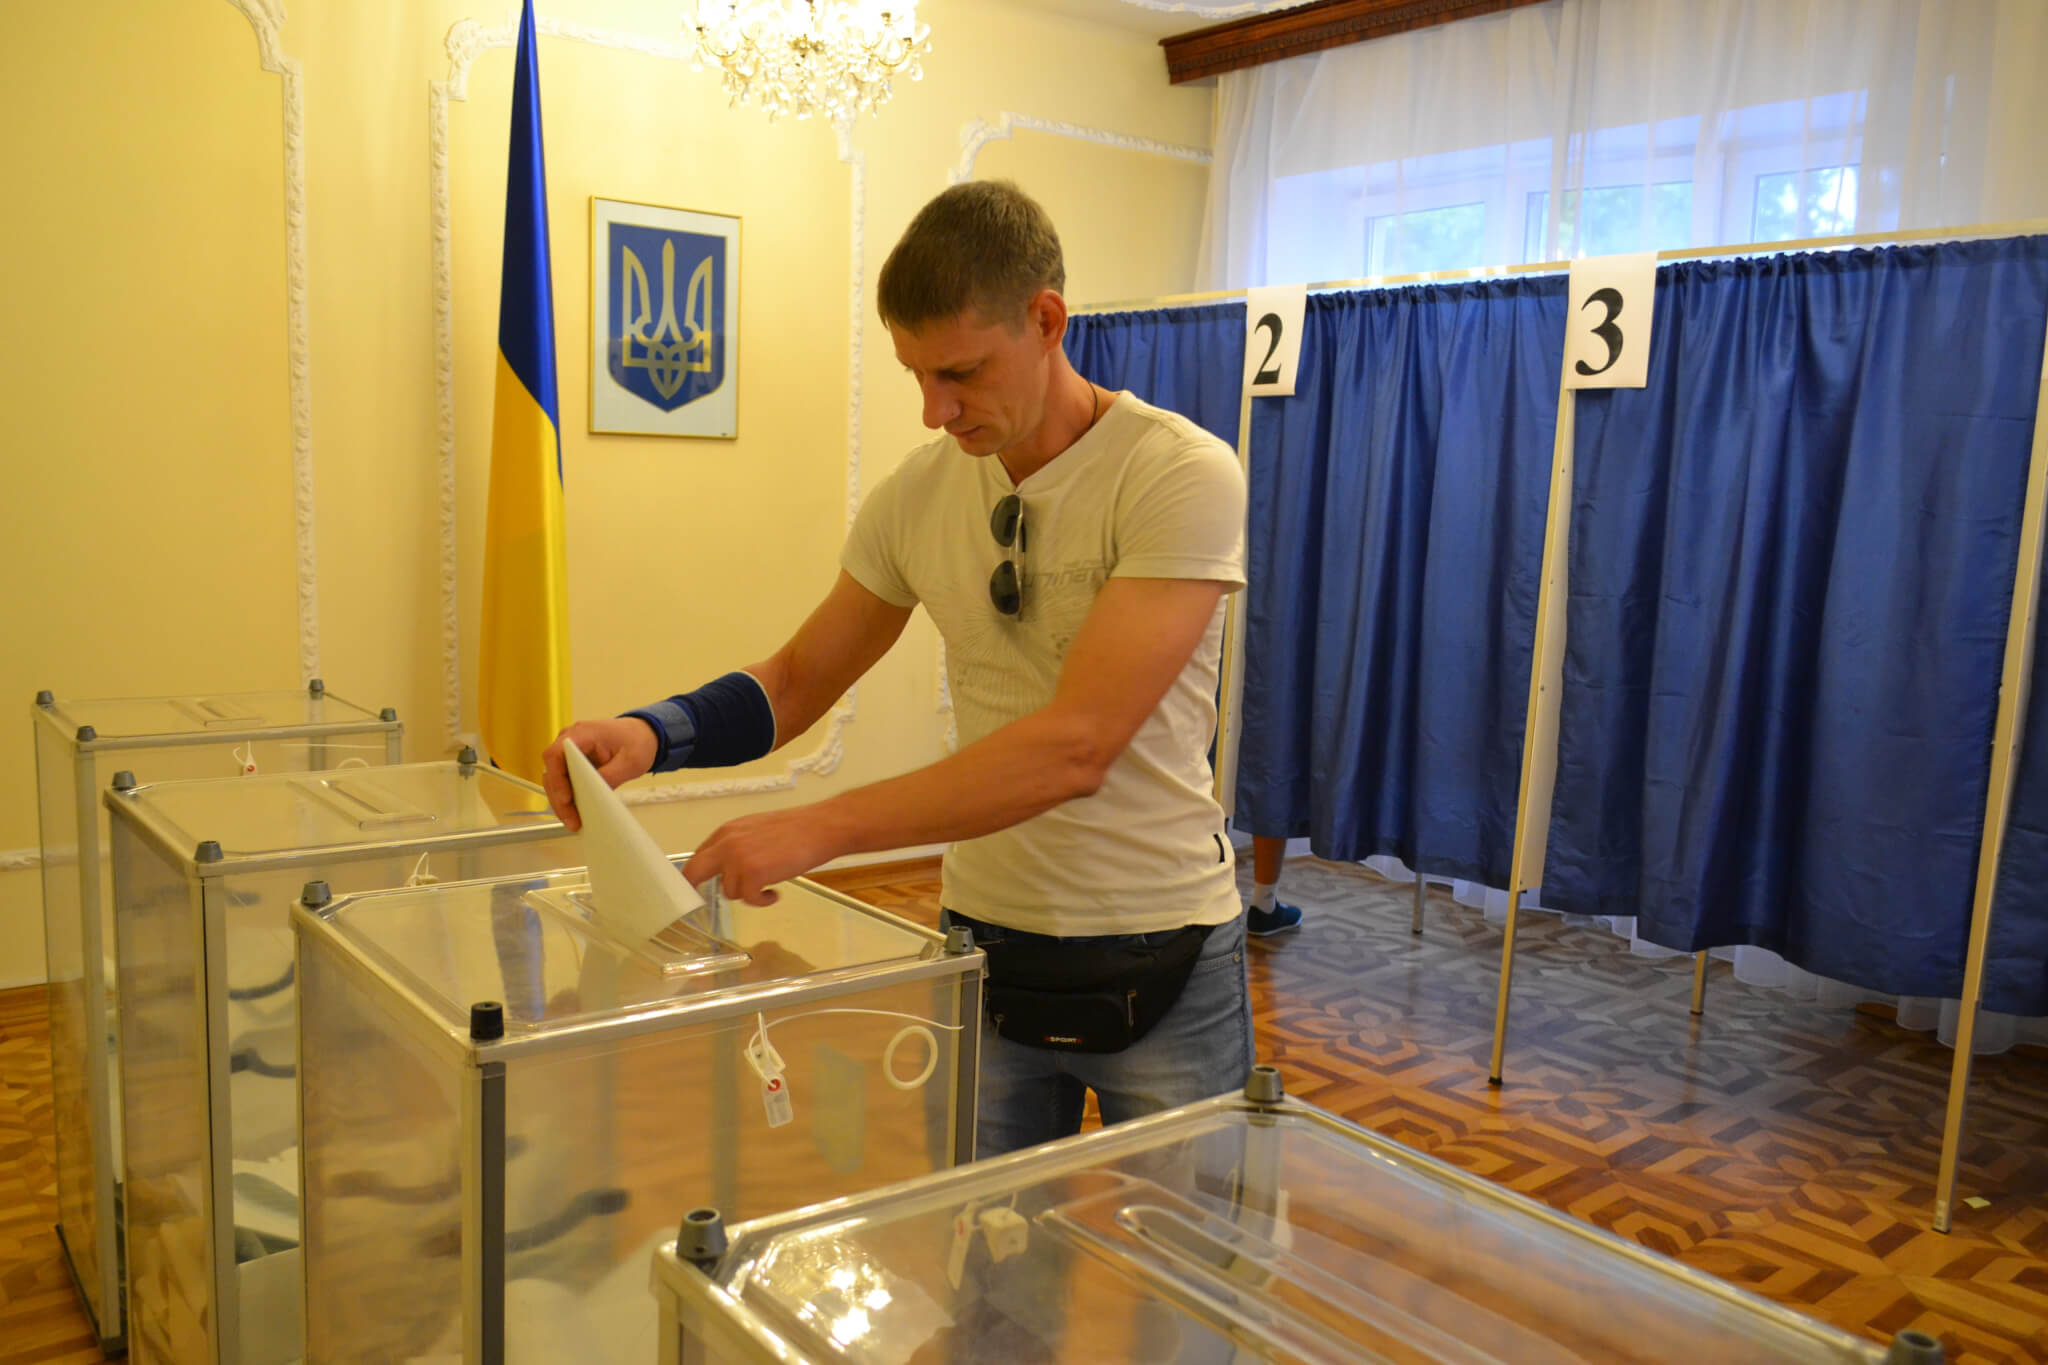 Закондонна виборча дільниця у Варшаві. Авторка - Христина Заник